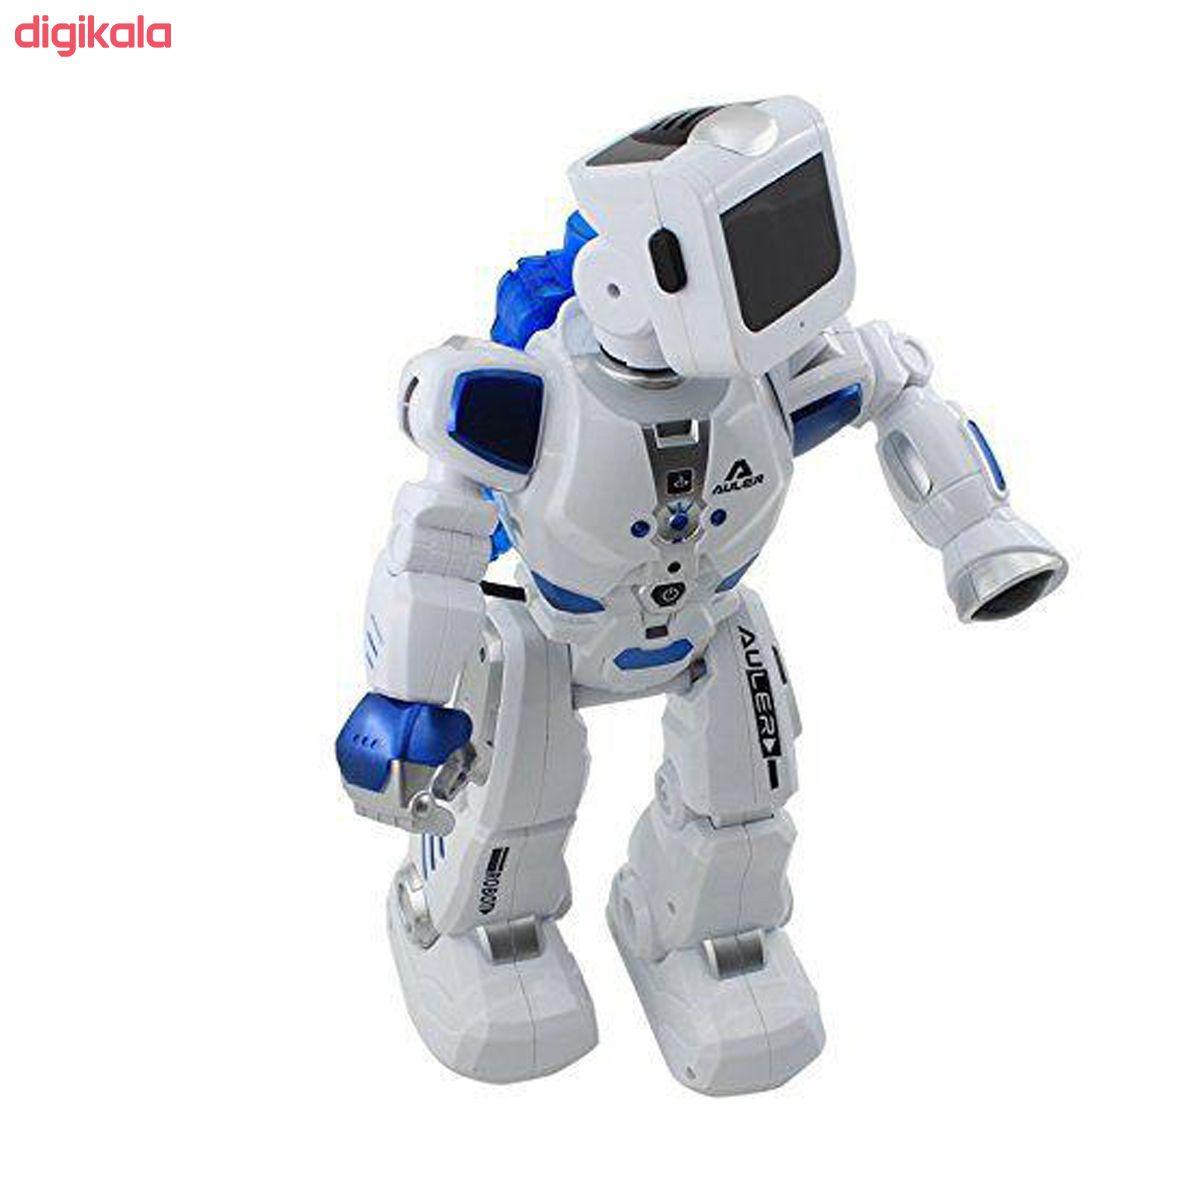 اسباب بازی ربات مدل آب پاش کد k4 main 1 1